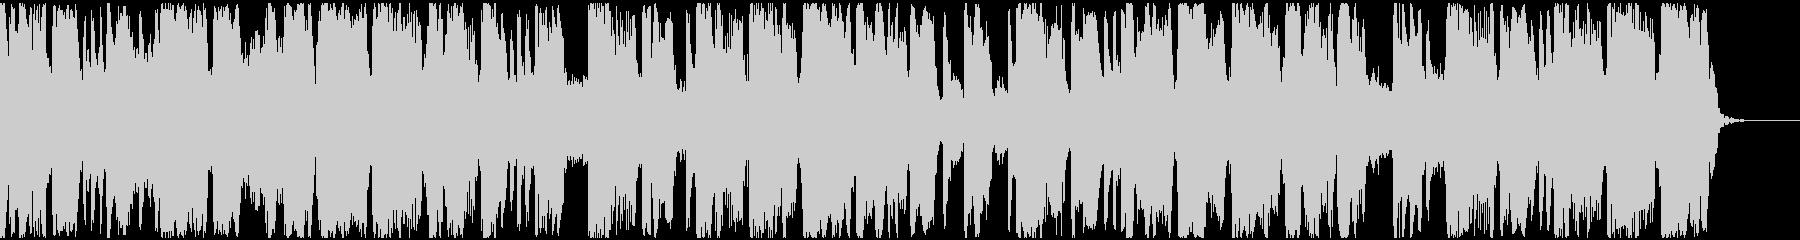 【フューチャーベース】4、ショート6の未再生の波形